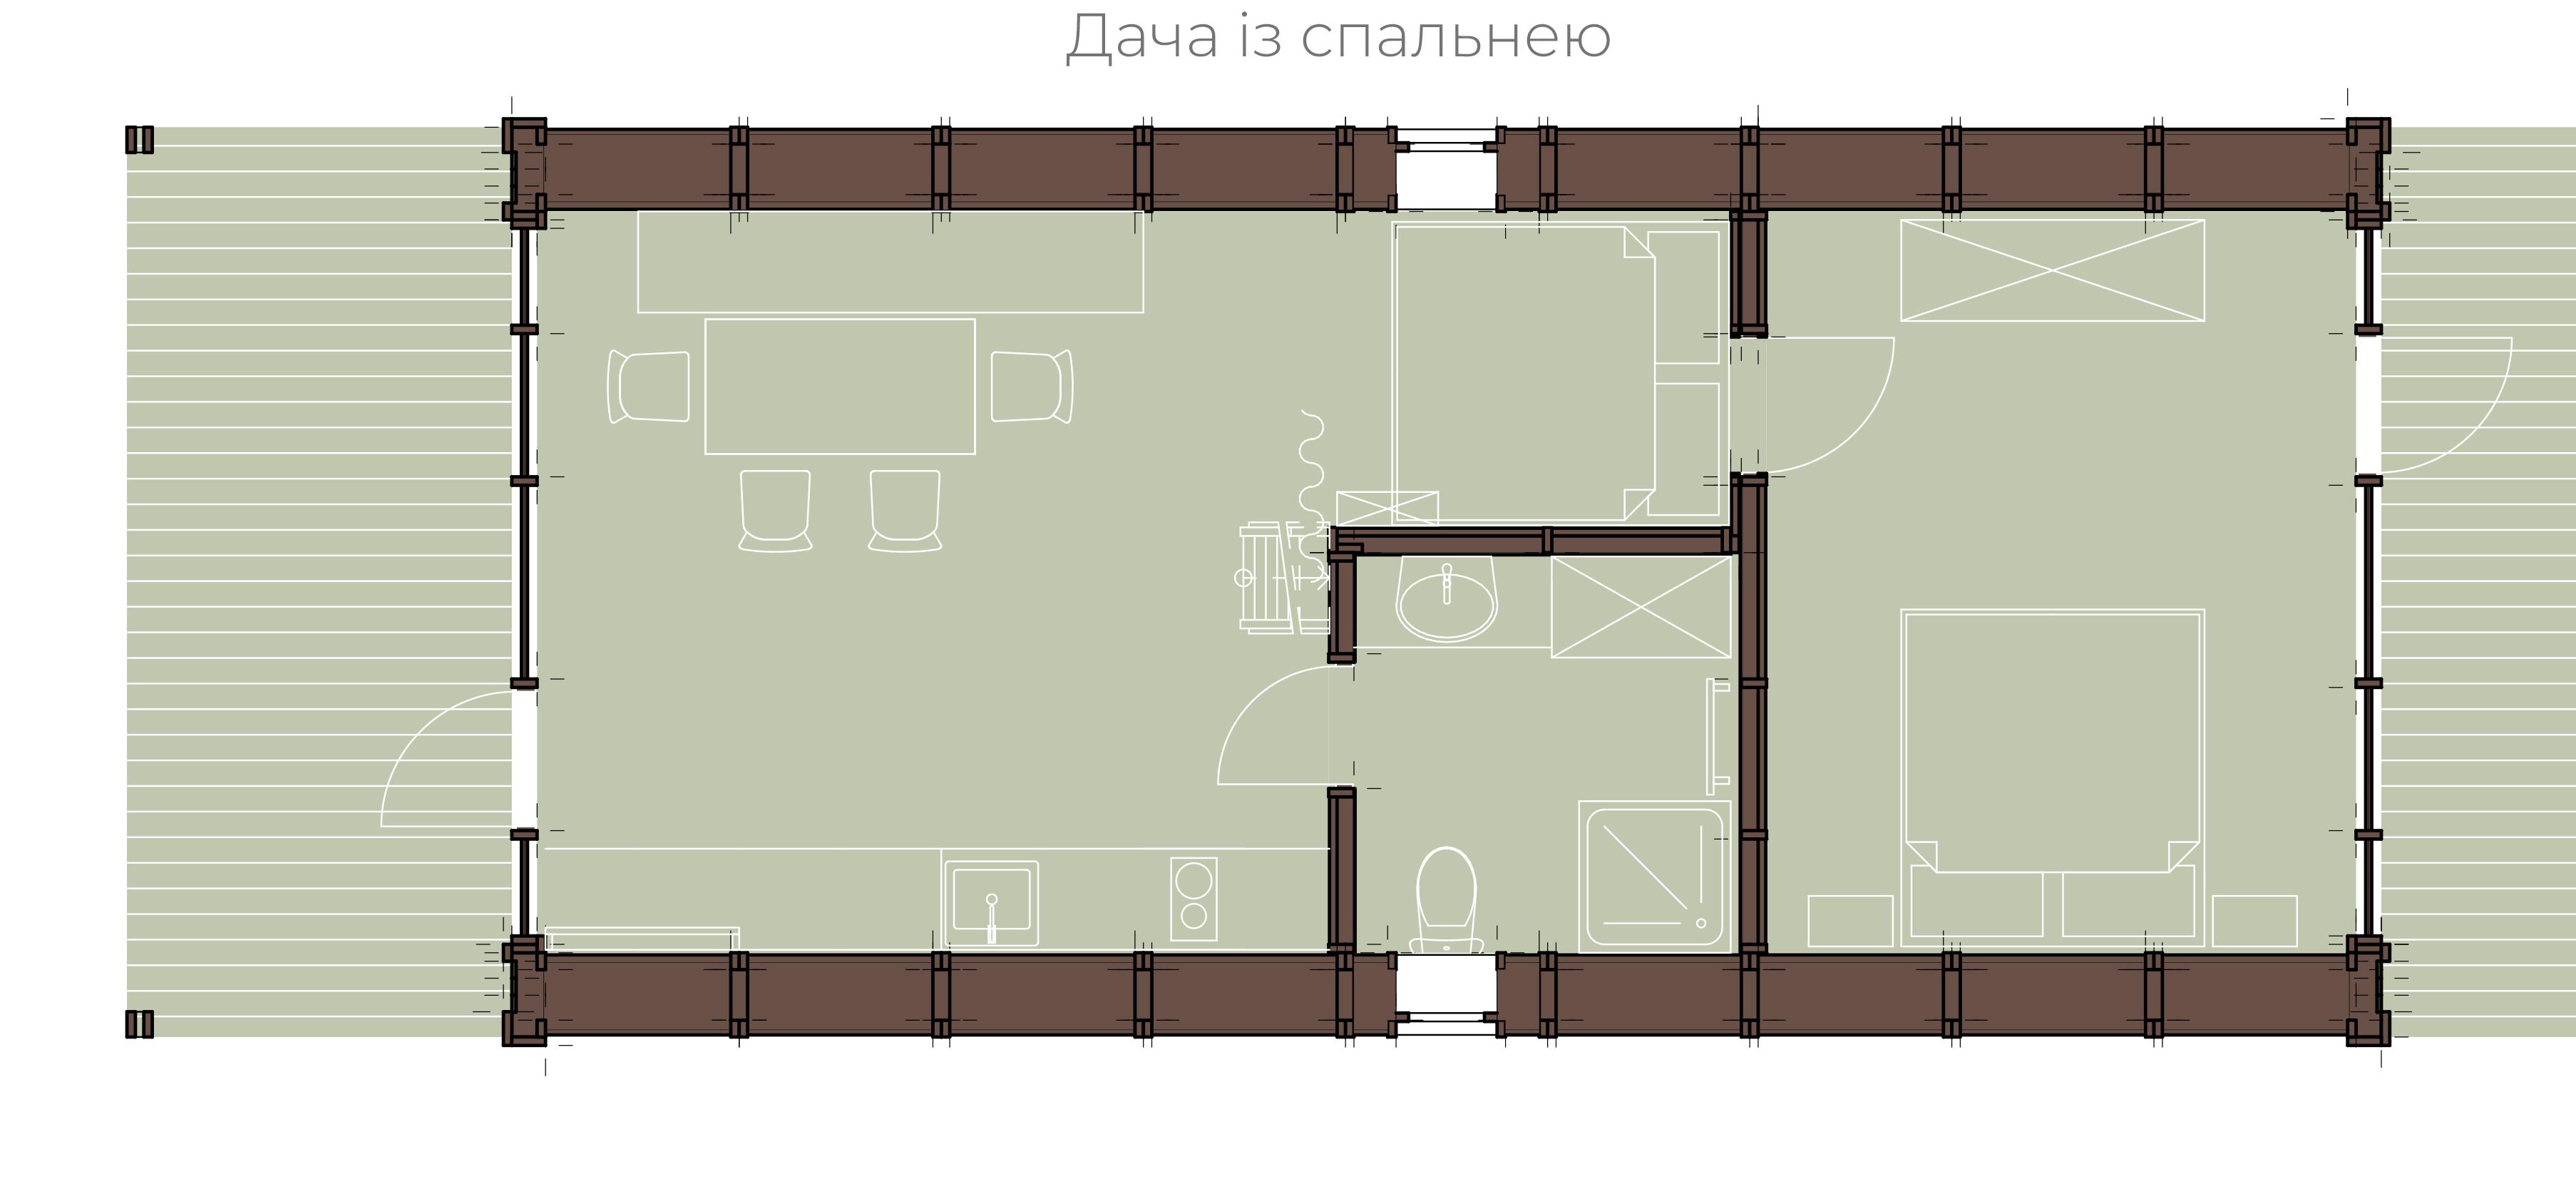 Колиба із спальнею